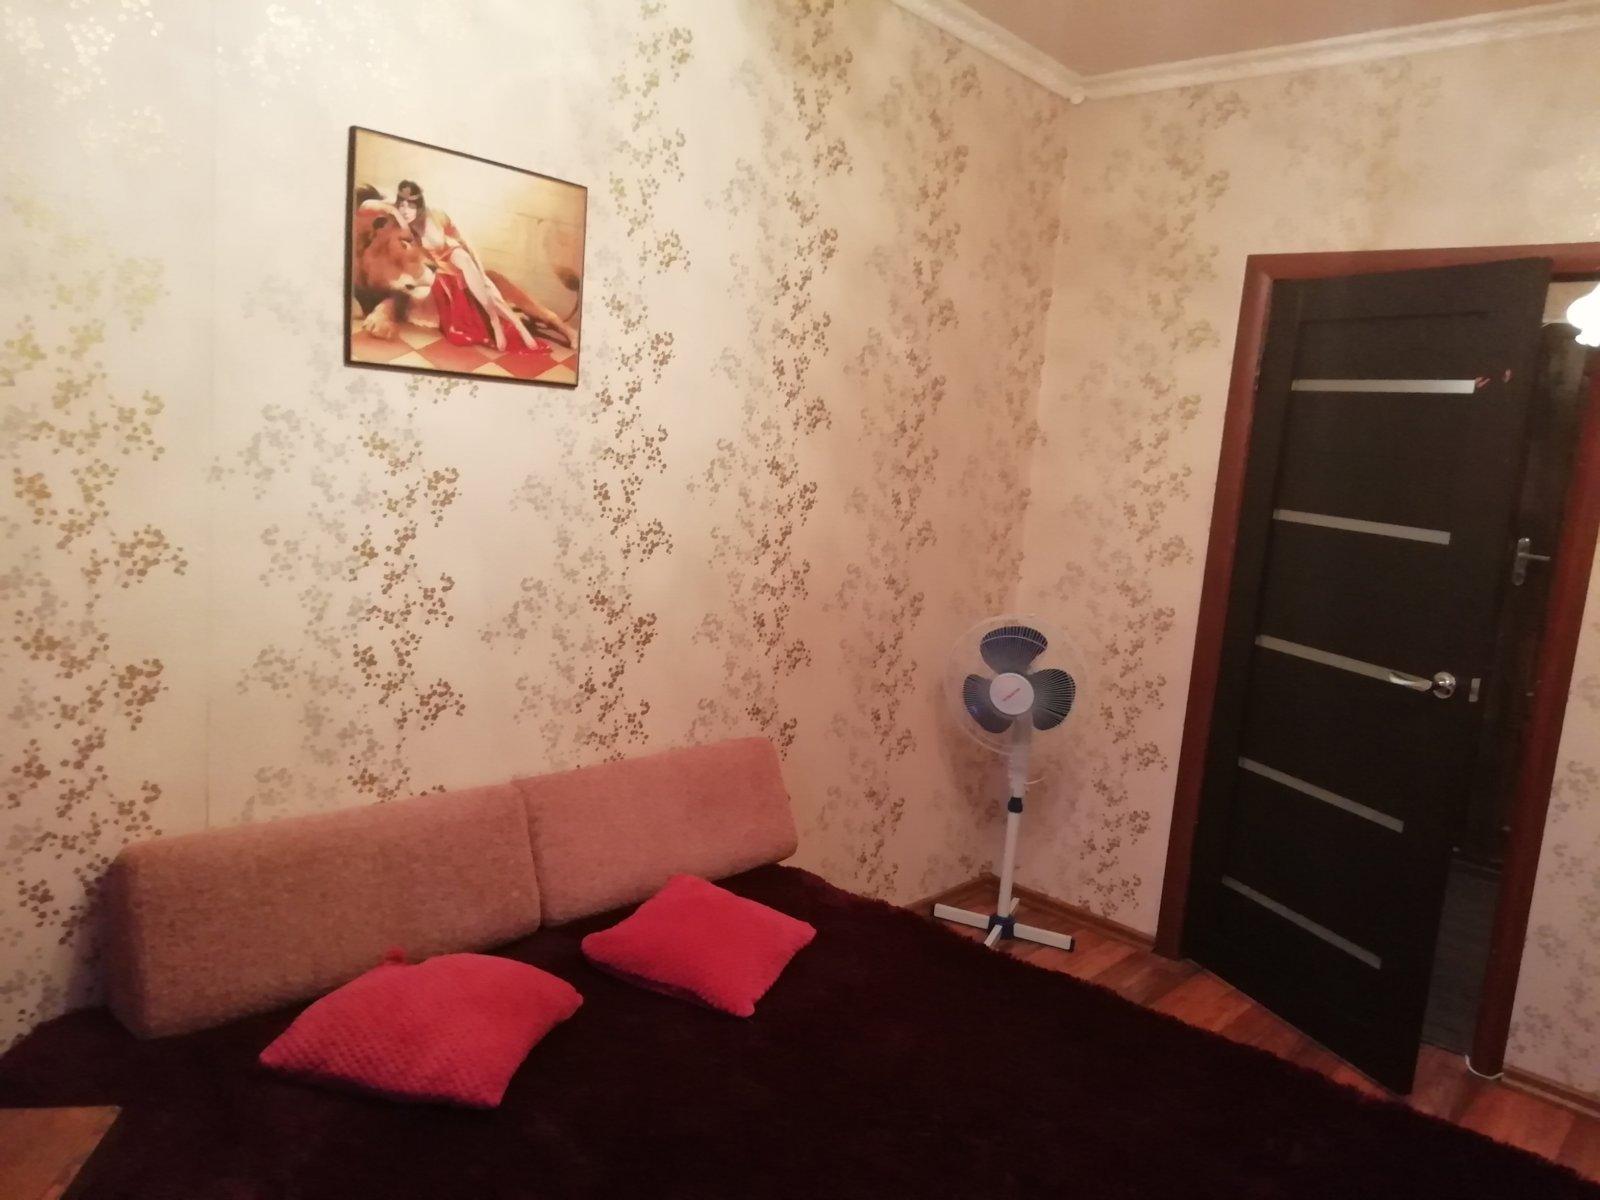 obychnaya-dvuhkomnatnaya-kvartira-04